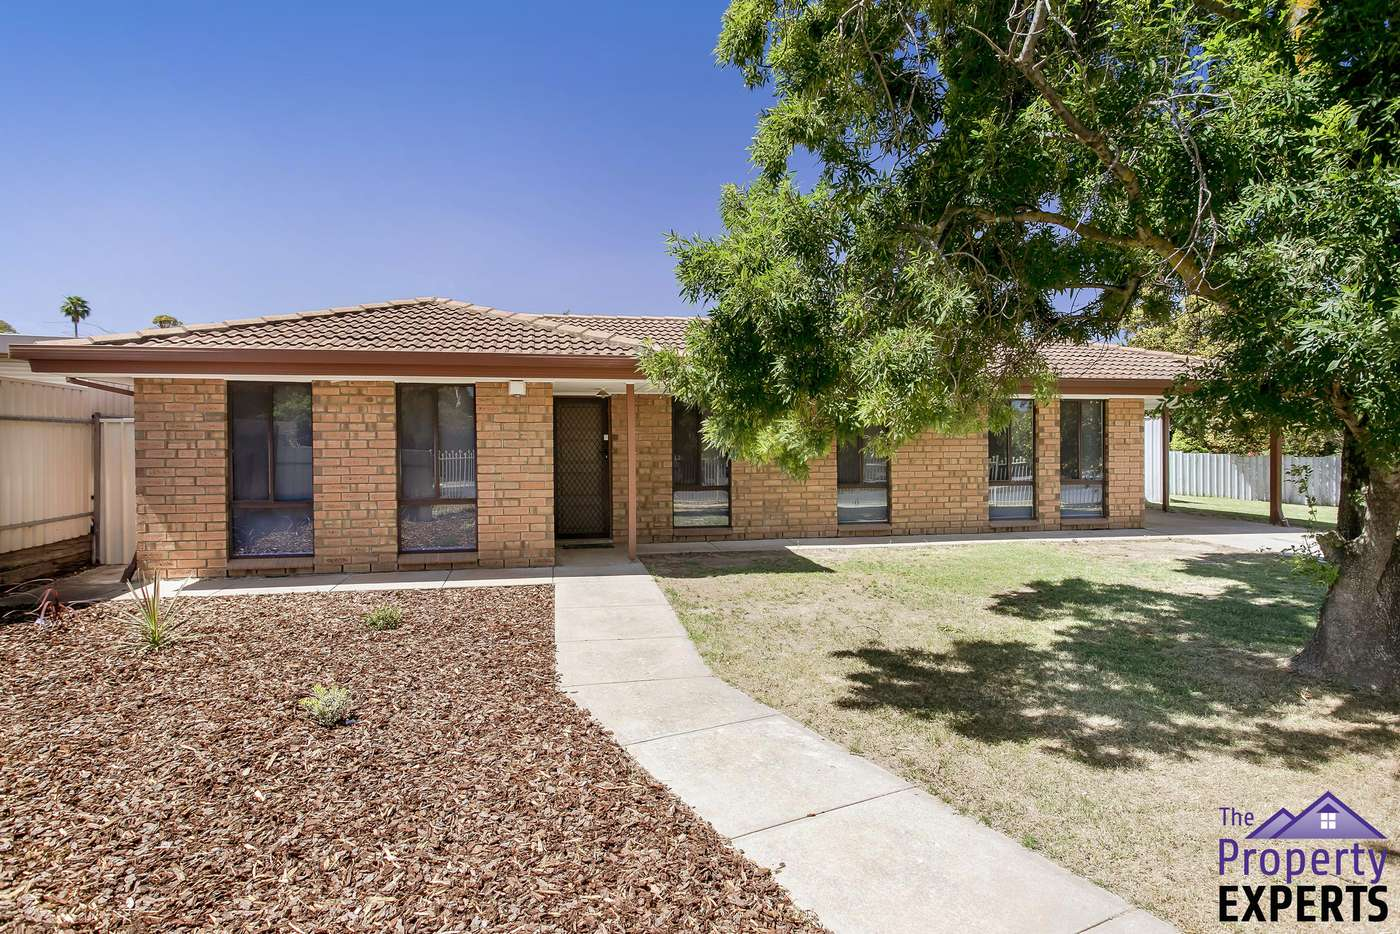 Main view of Homely house listing, 6 Kingsbridge Drive, Morphett Vale SA 5162